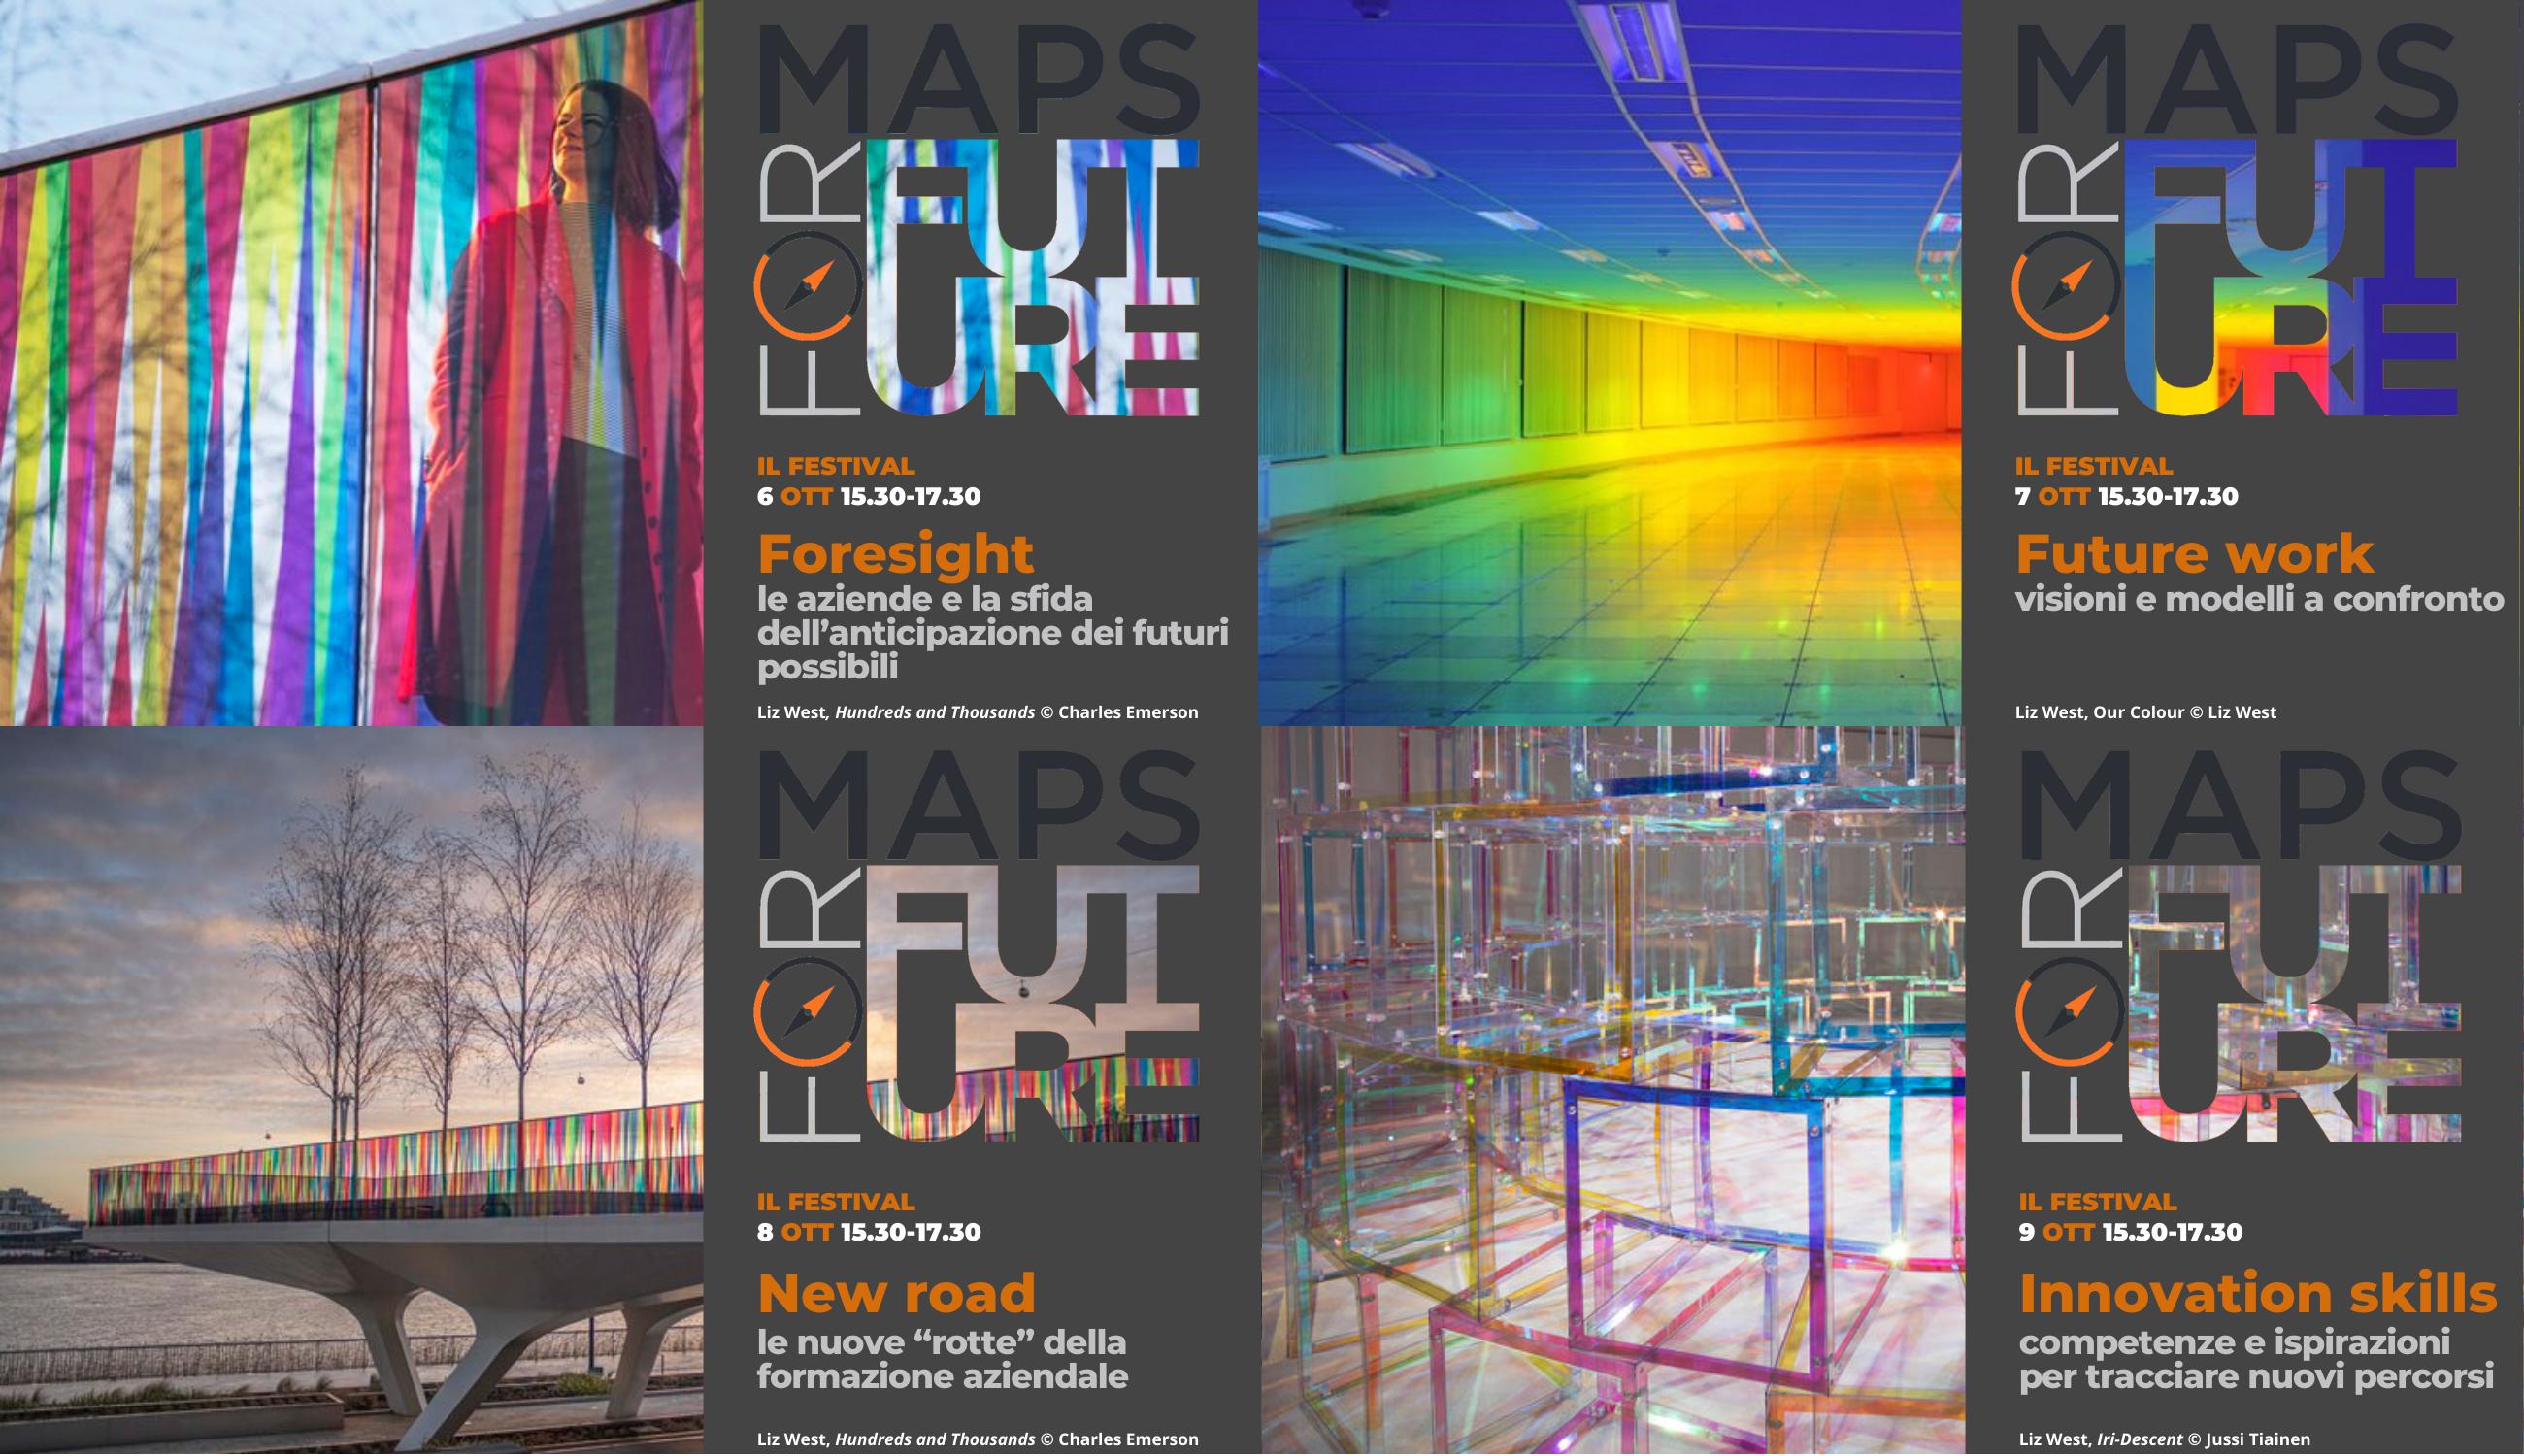 MAPS FOR FUTURE | Al via la terza edizione per il festival Niuko